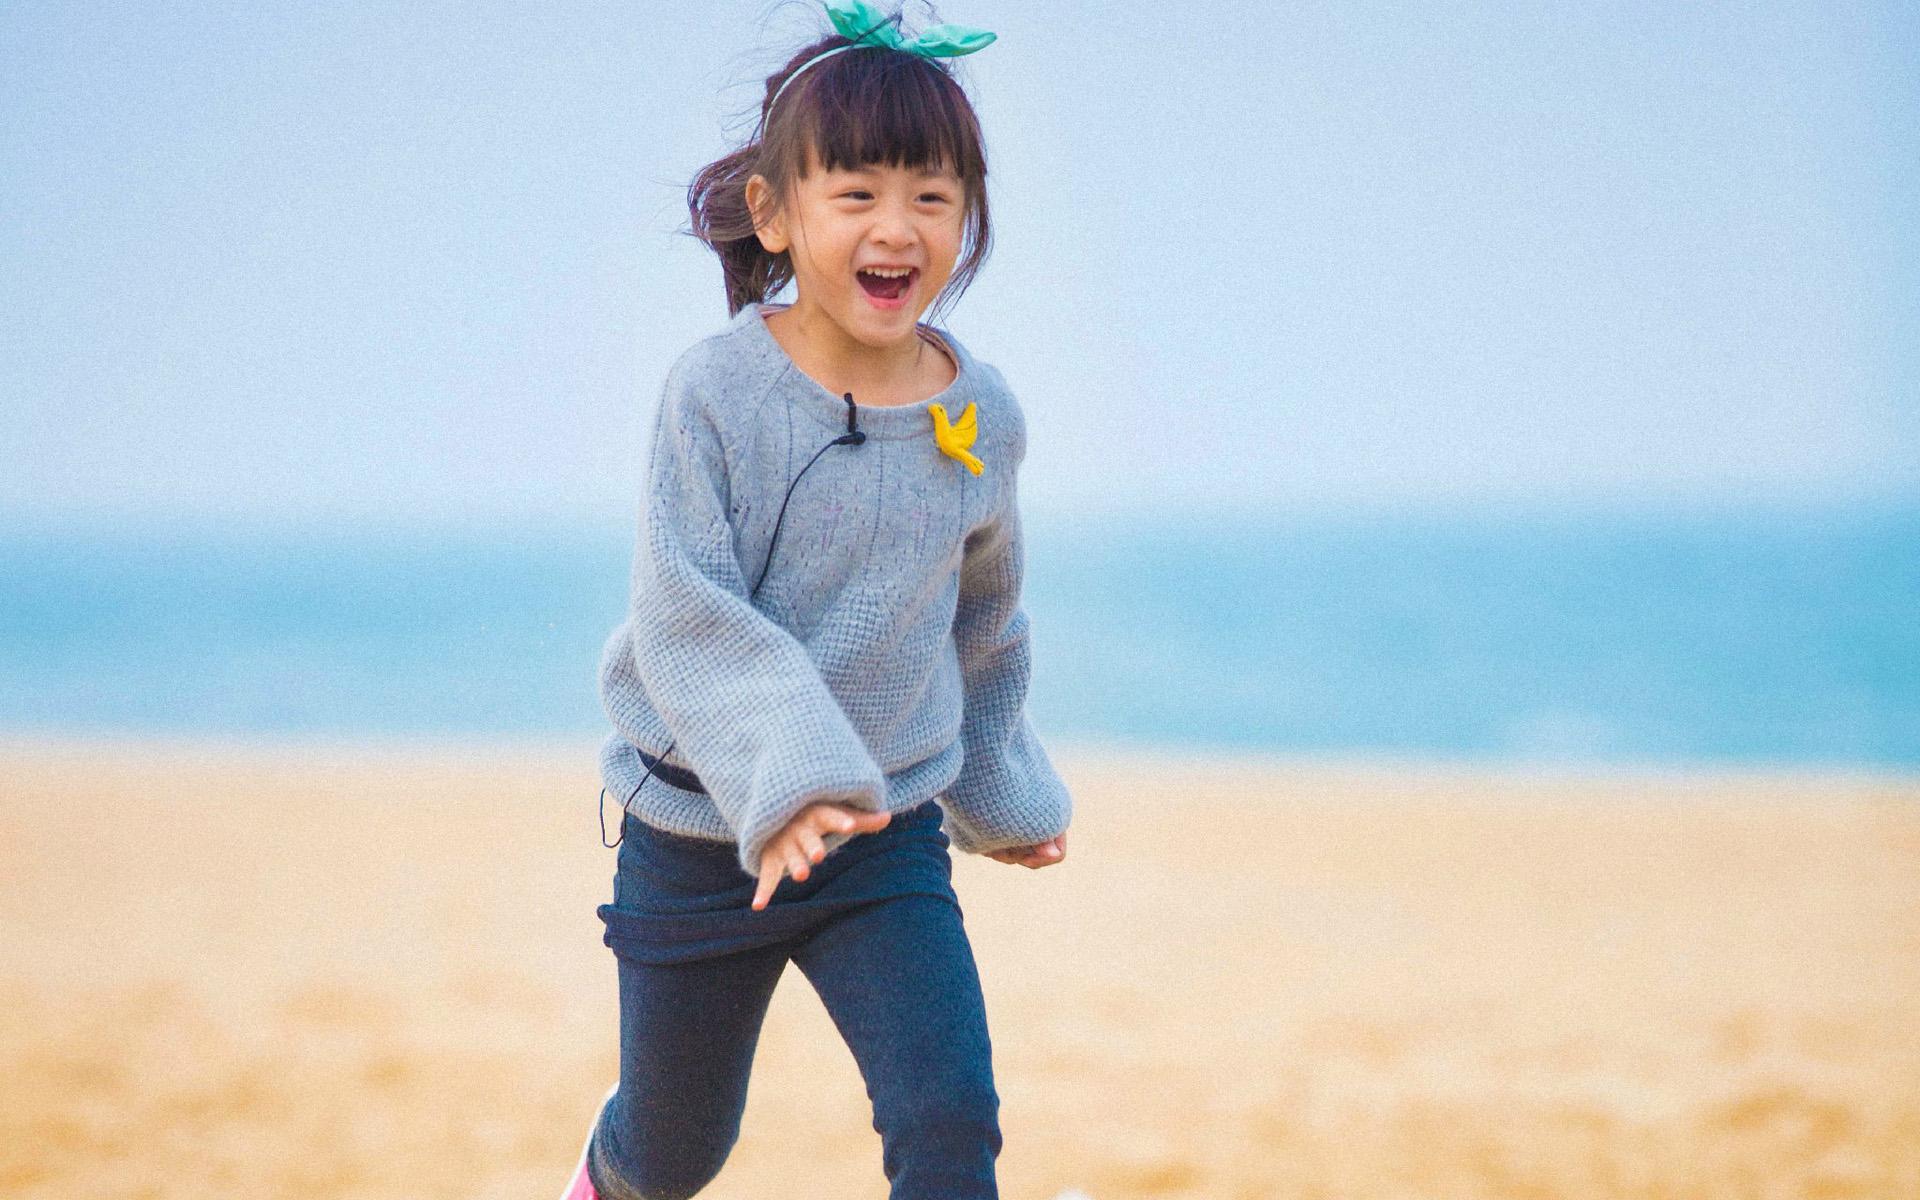 日前,田亮在微博晒爱女近照变身迷弟,女儿森碟穿短裙变身网球少女图片